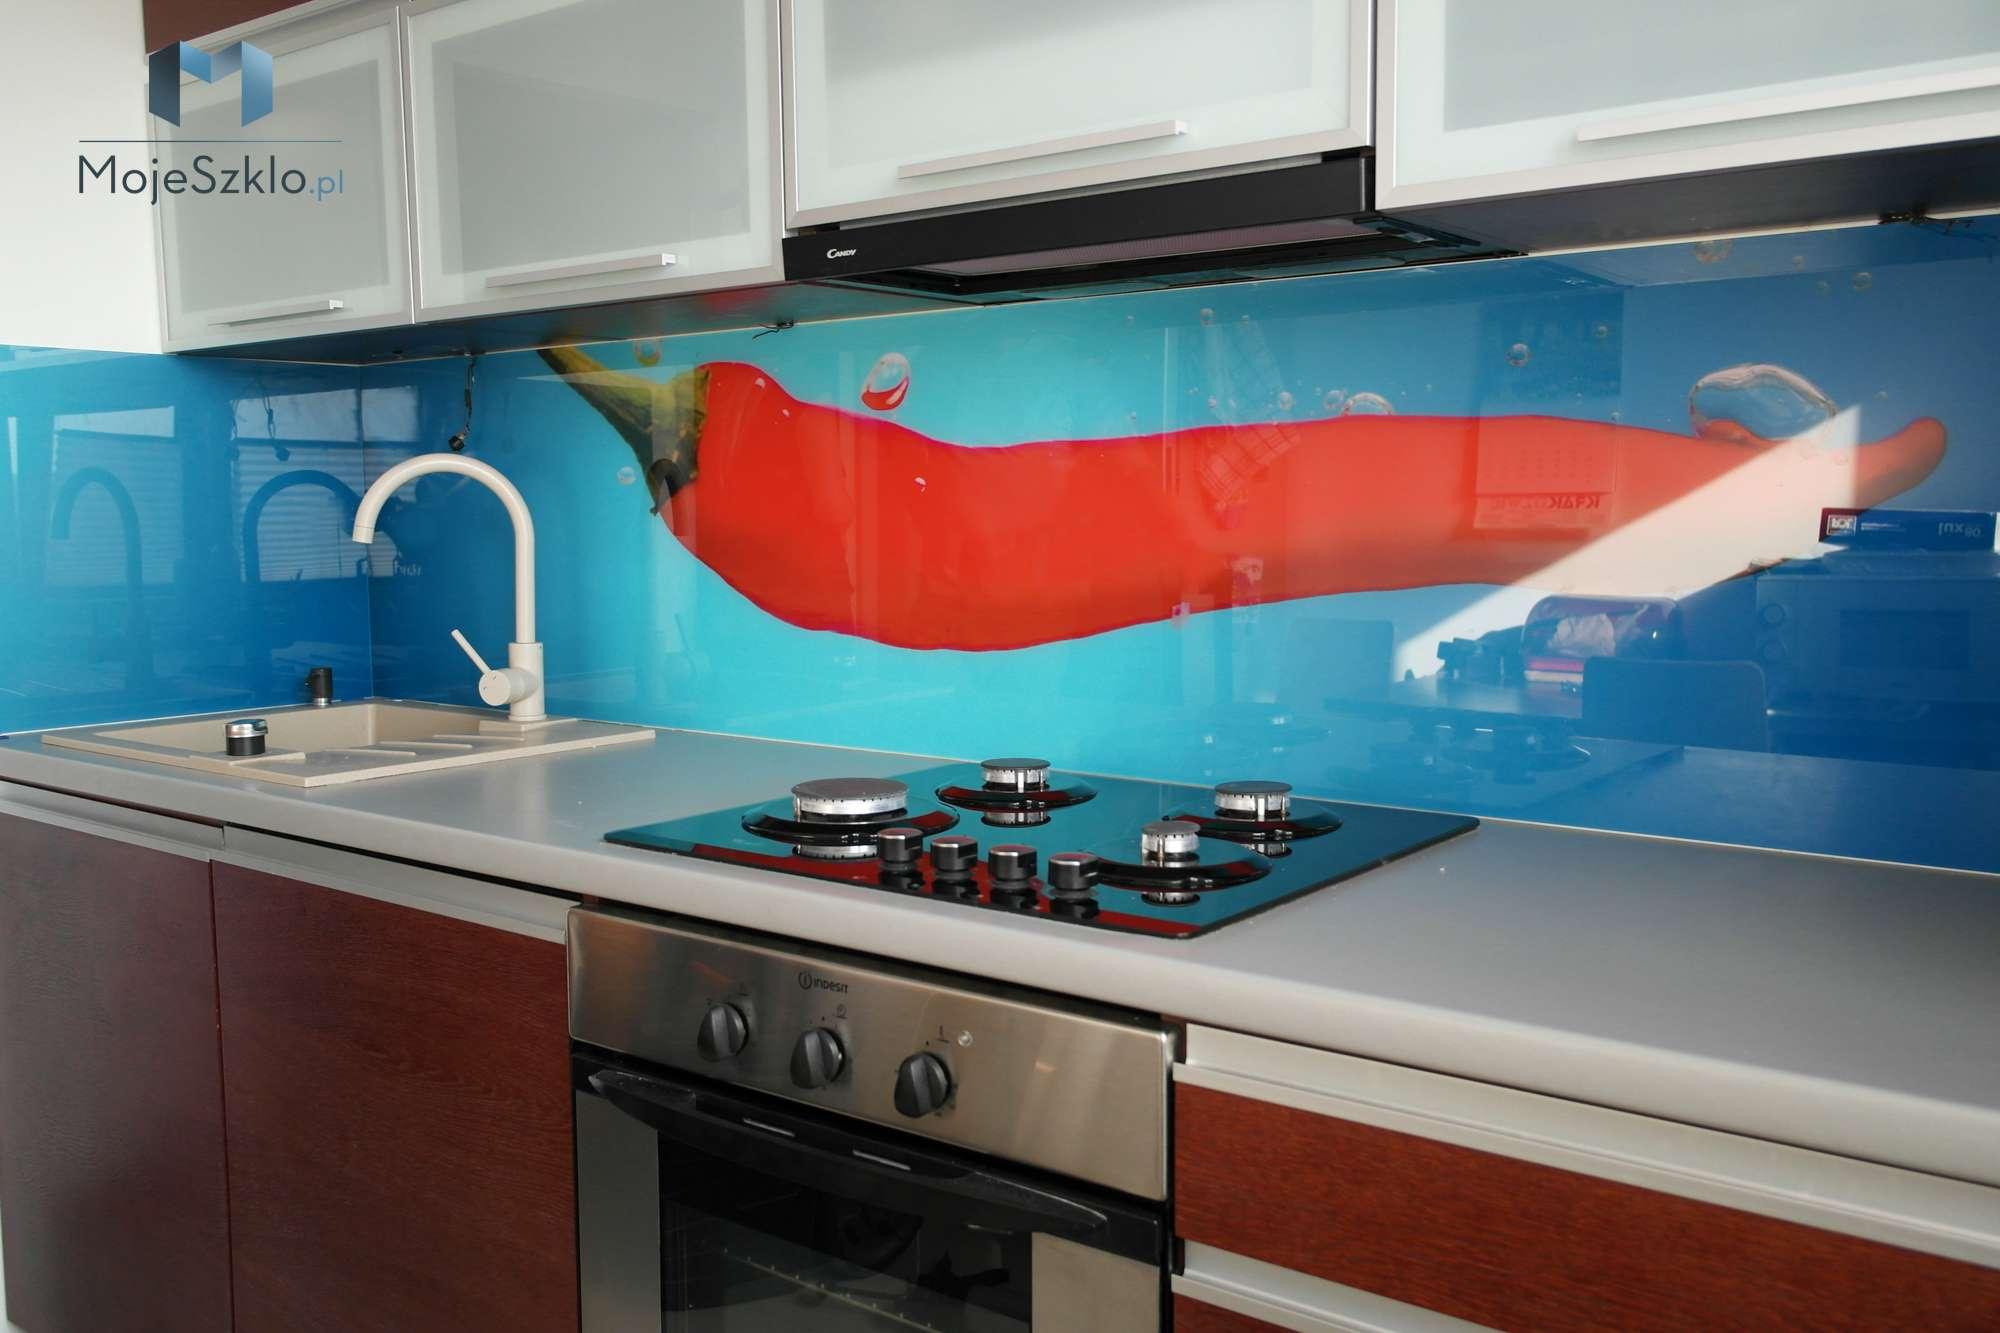 Szklo Ozdobne Papryczka Chili - Szkło na ścianę z nadrukiem napoje